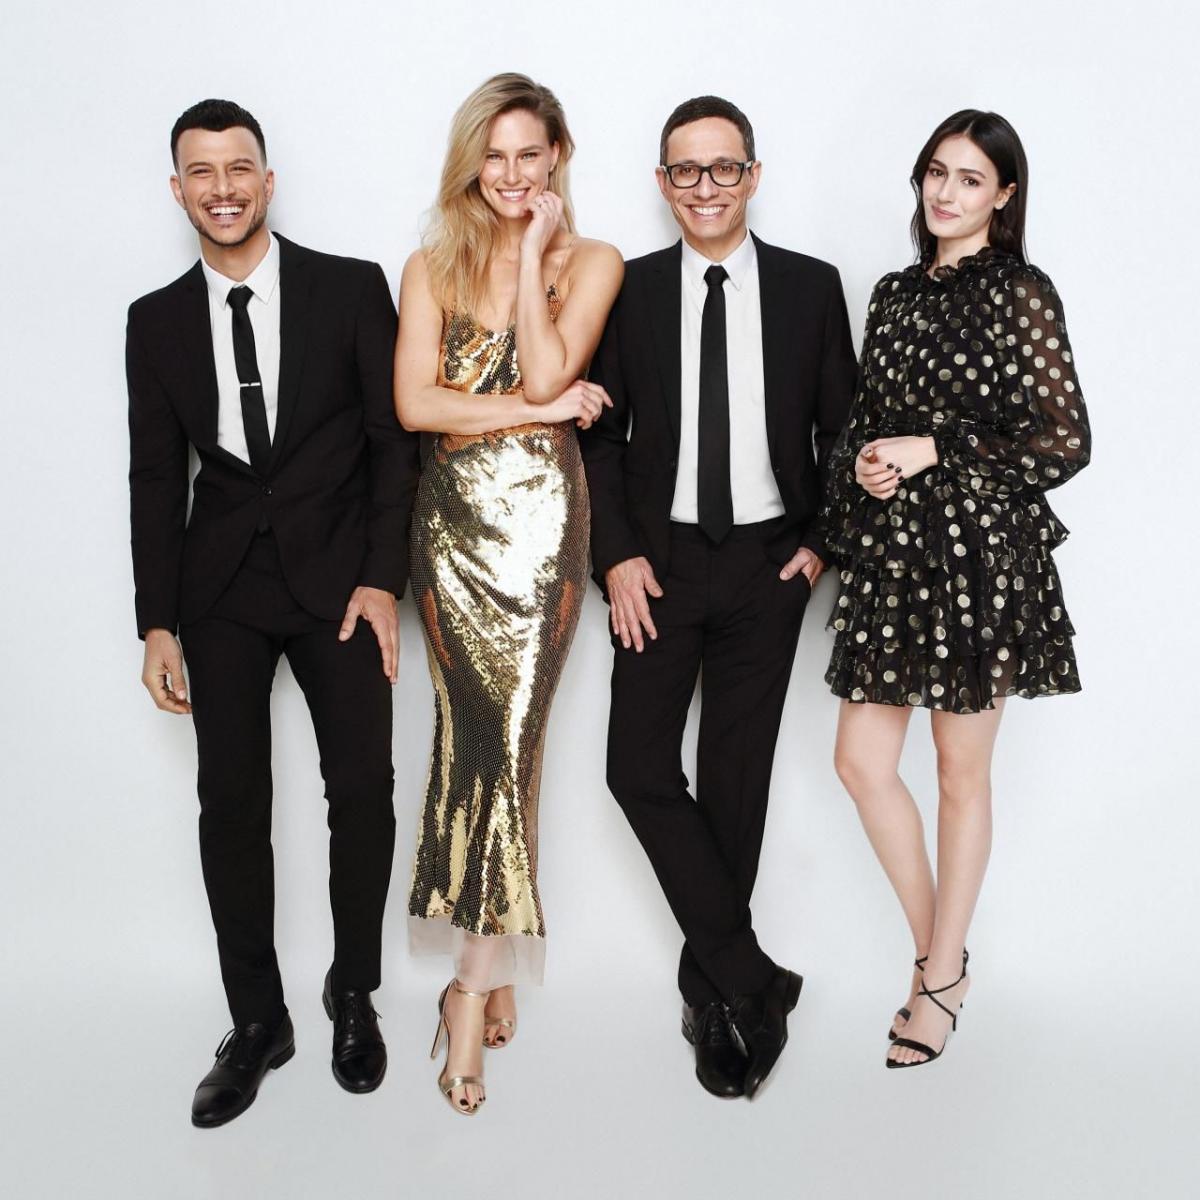 64-й музыкальный конкурс Евровидение-2019состоится в Тель-Авиве \ eurovision.tv